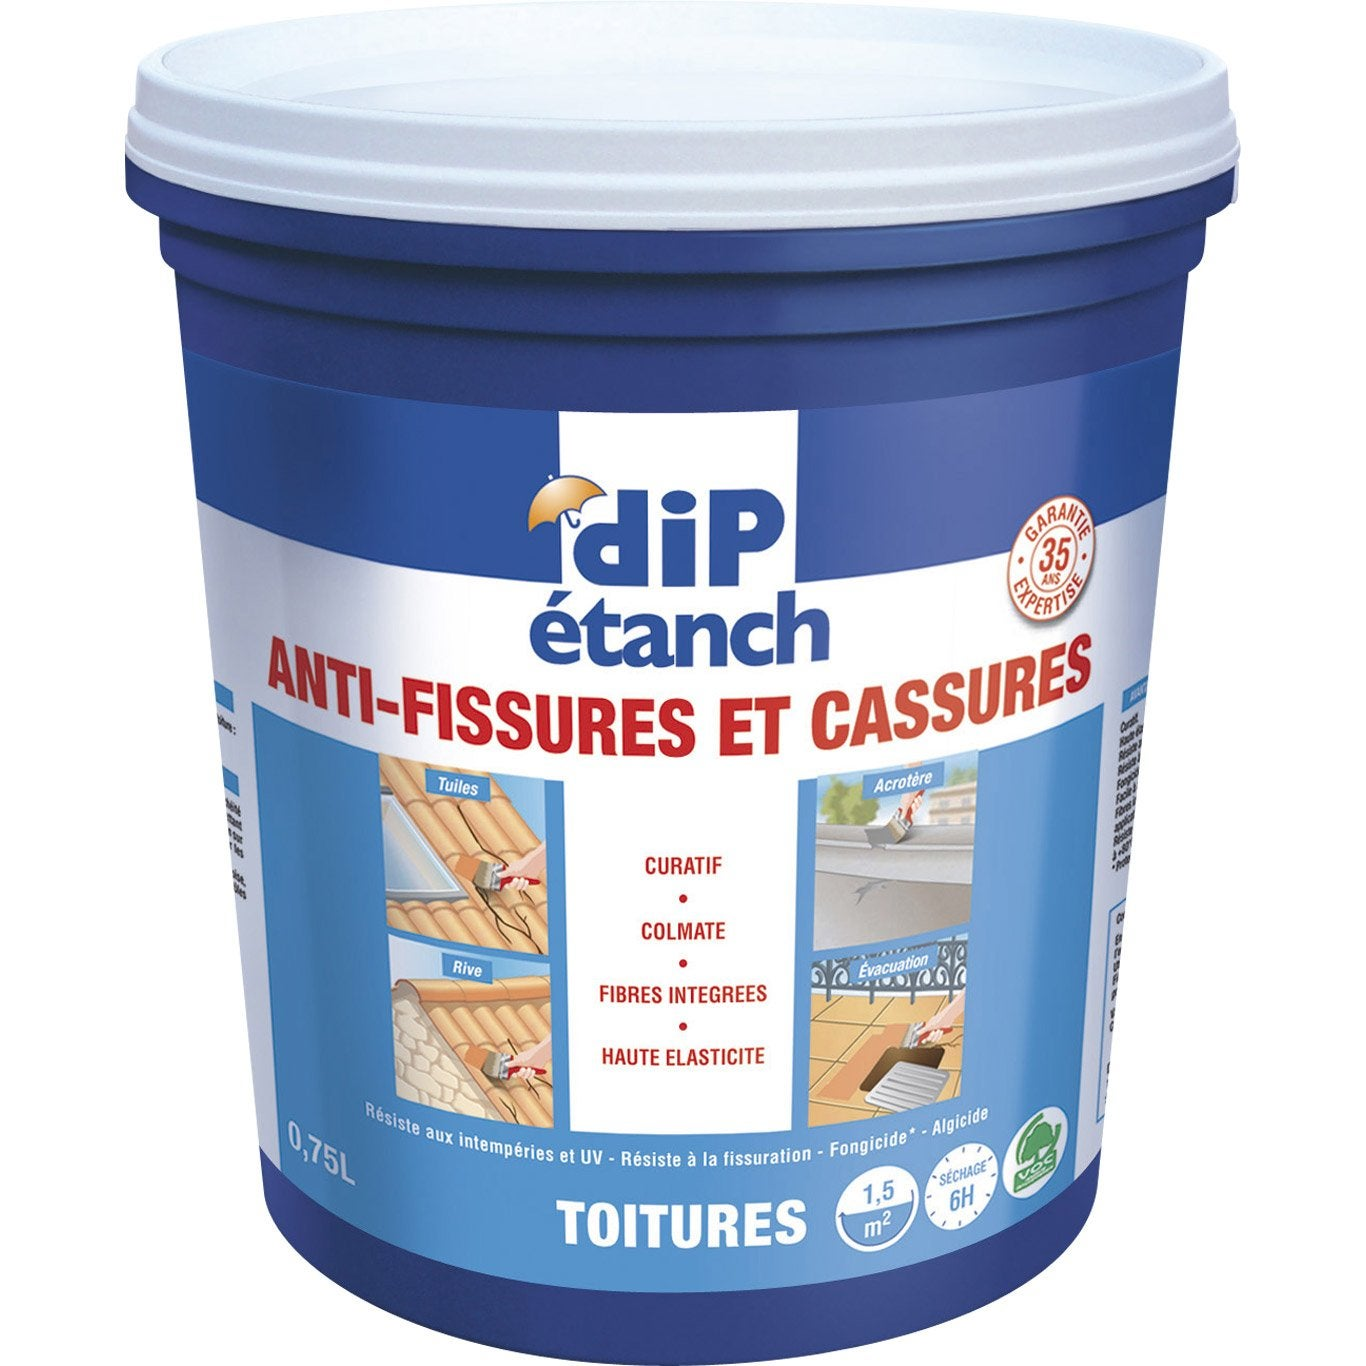 Rev tement d 39 tanch it anti fissures dip terre cuite leroy merlin - Dip etanche anti infiltration ...